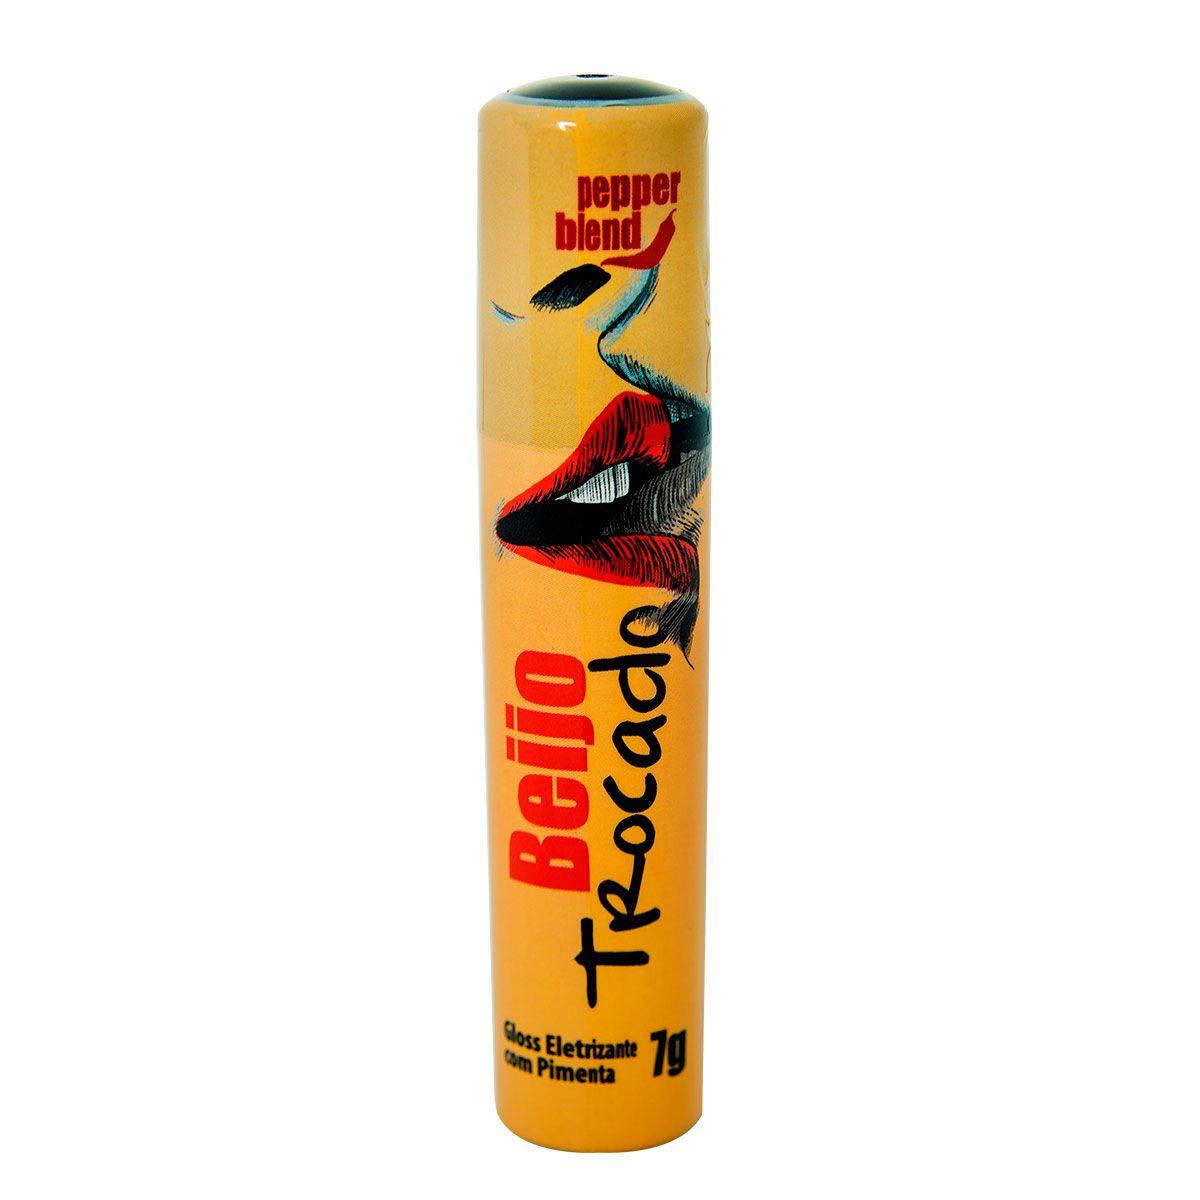 BEIJO TROCADO 7g - Gloss Eletrizante  - Sua Pepper Blend | Doces Especiais